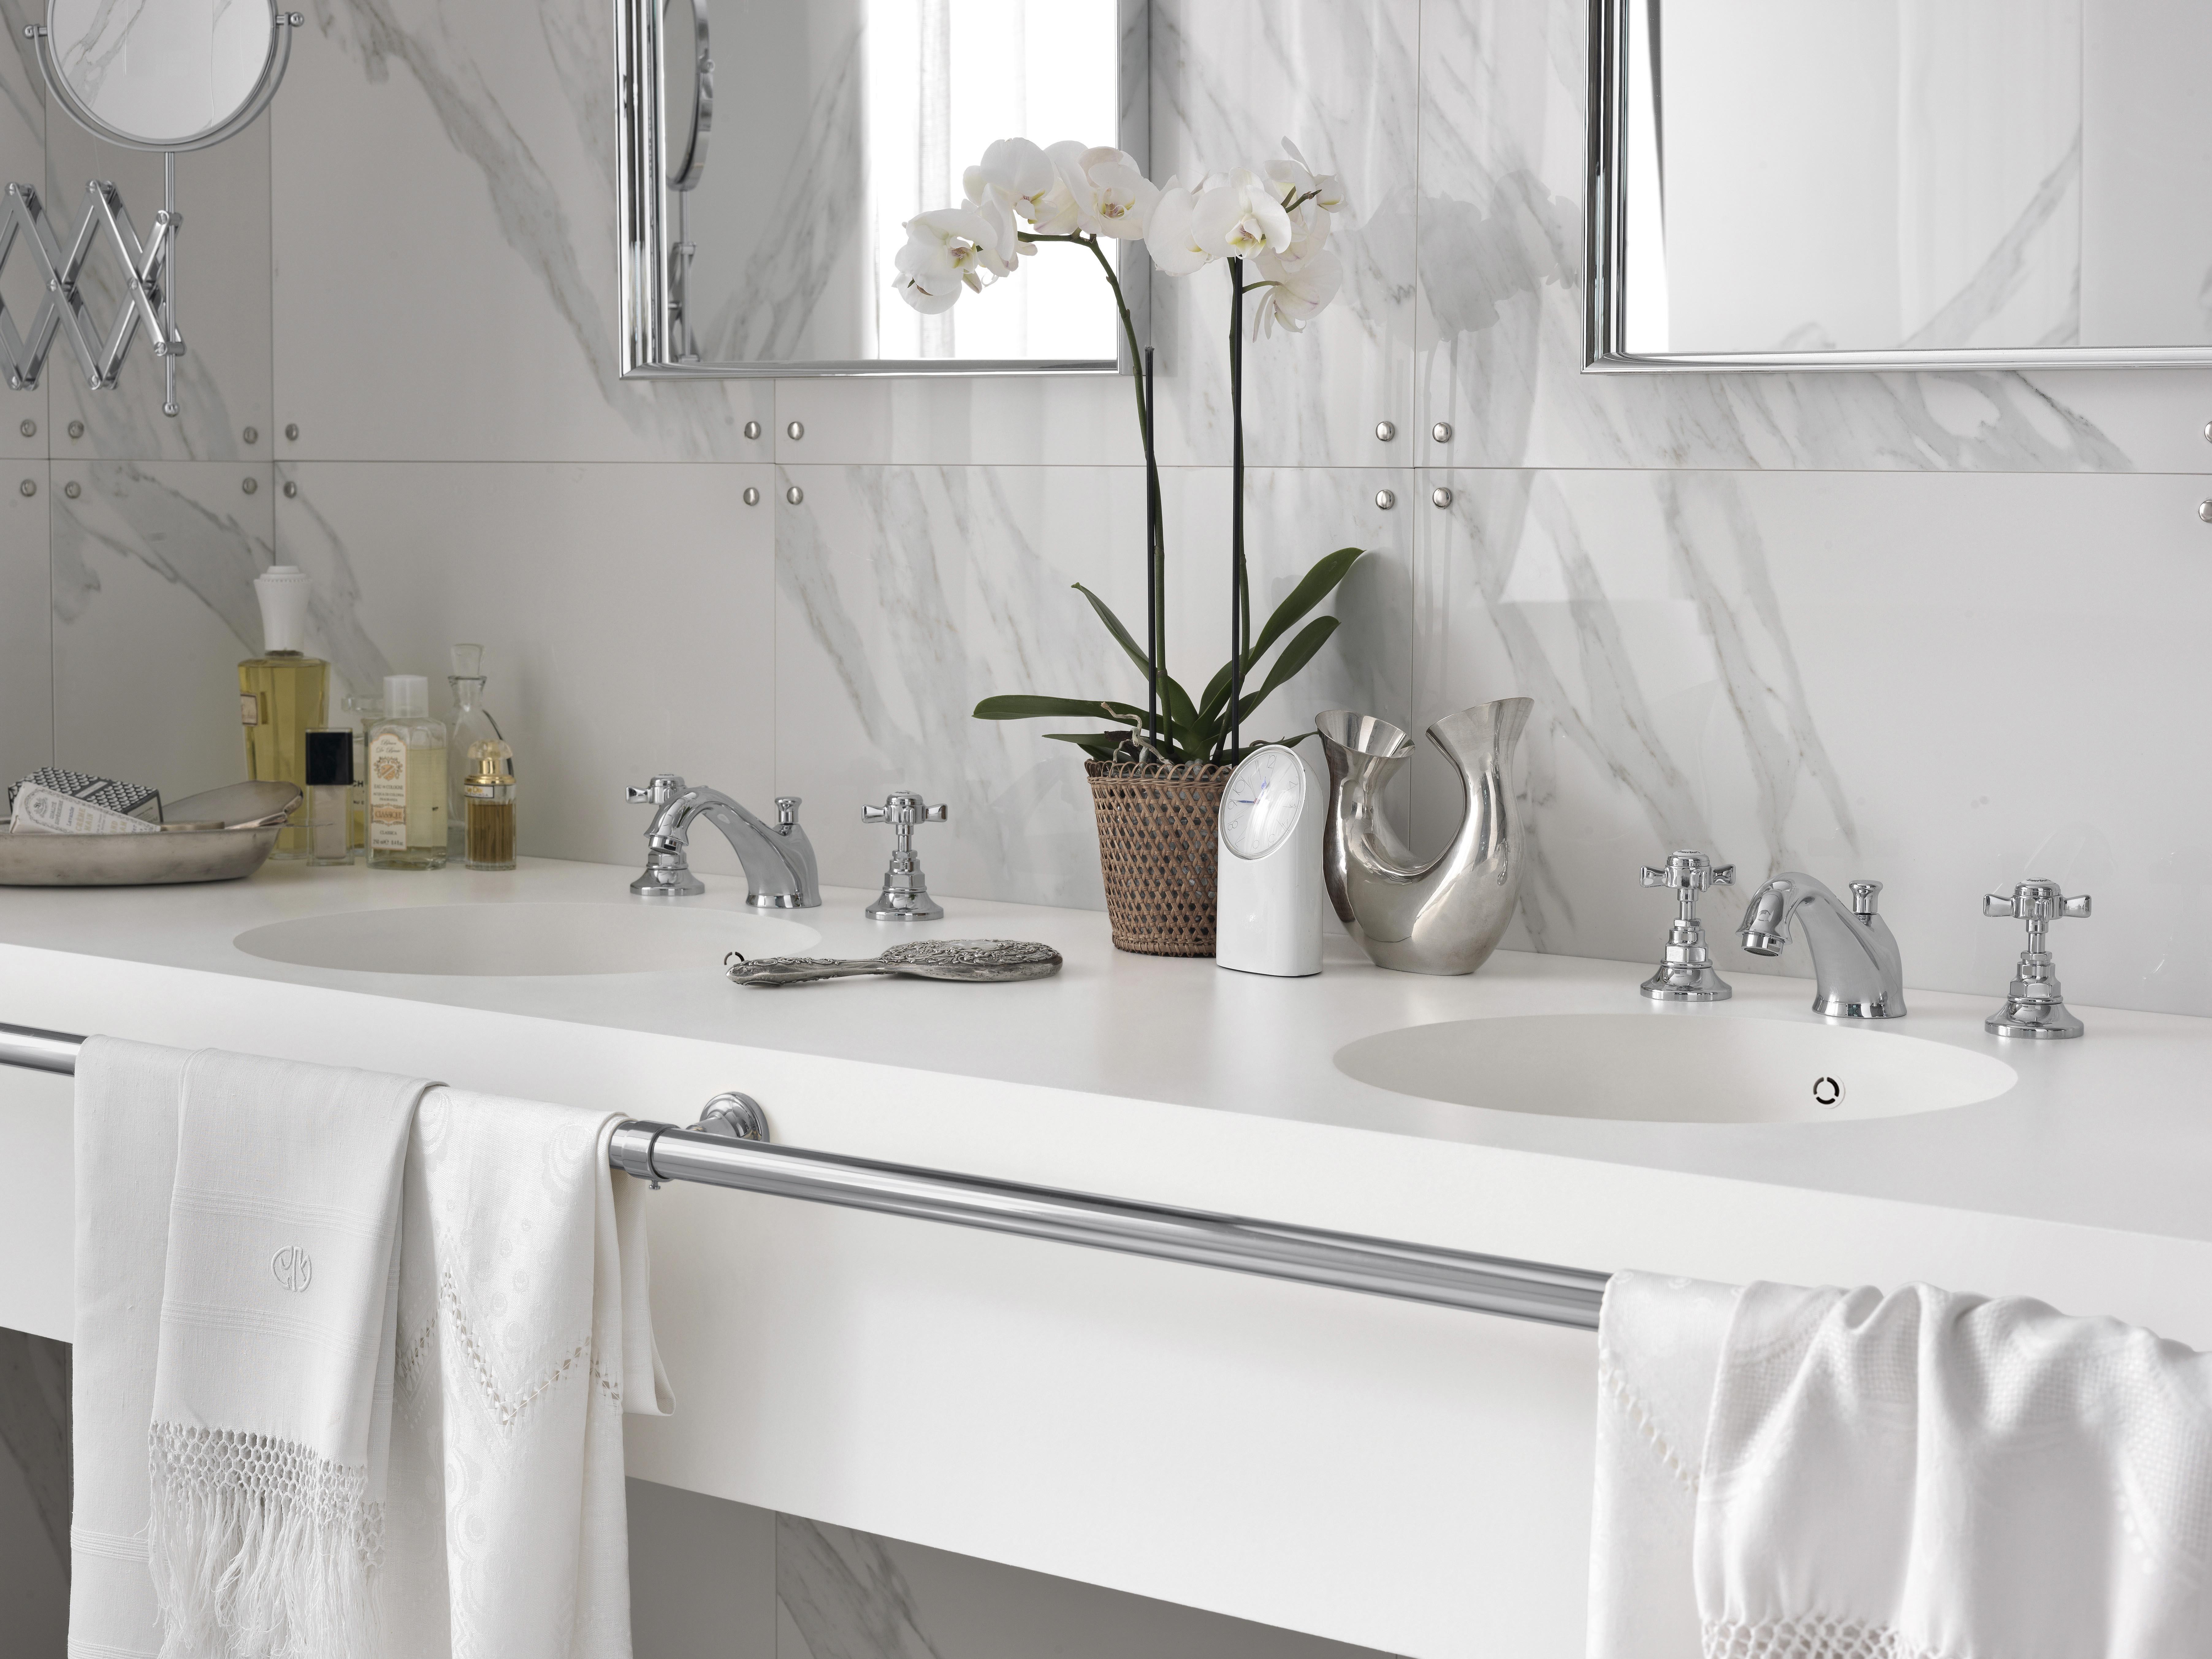 Corian pour plan vasque de salle de bain corian solid surfaces corian - Corian salle de bain ...